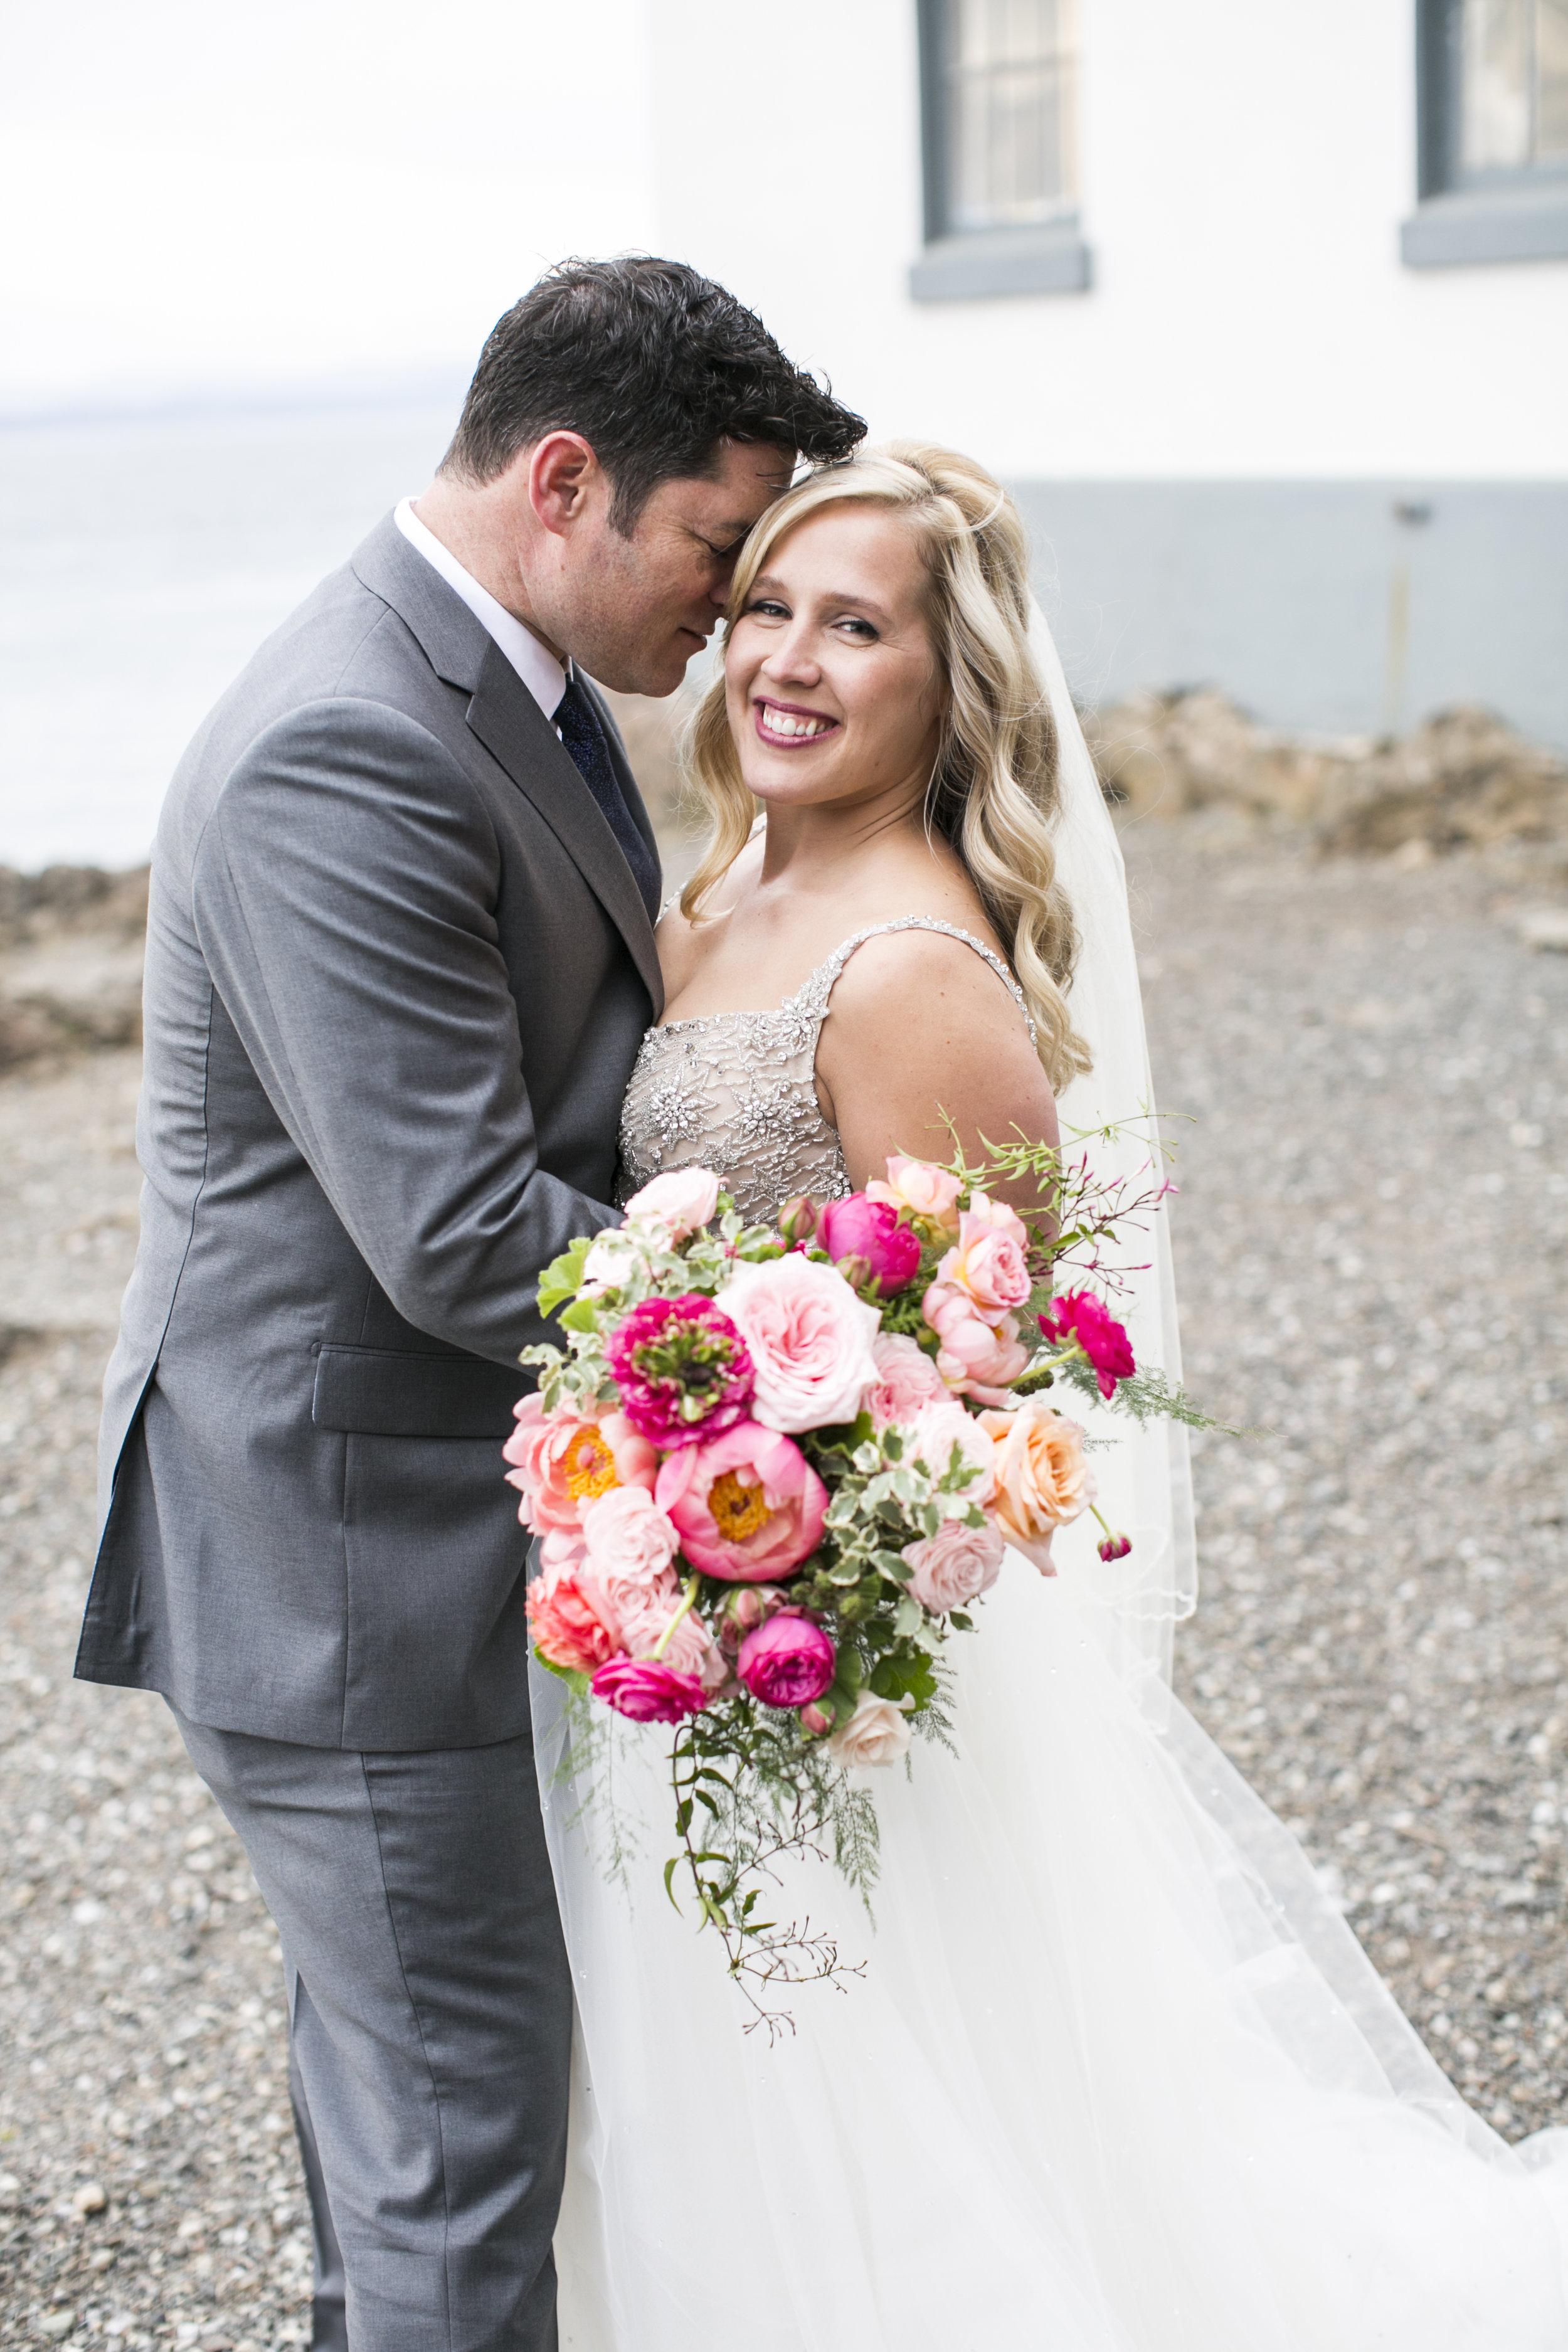 Roche-Harbor-Hull-Varnes-Wedding-0040Katie-Parra.JPG